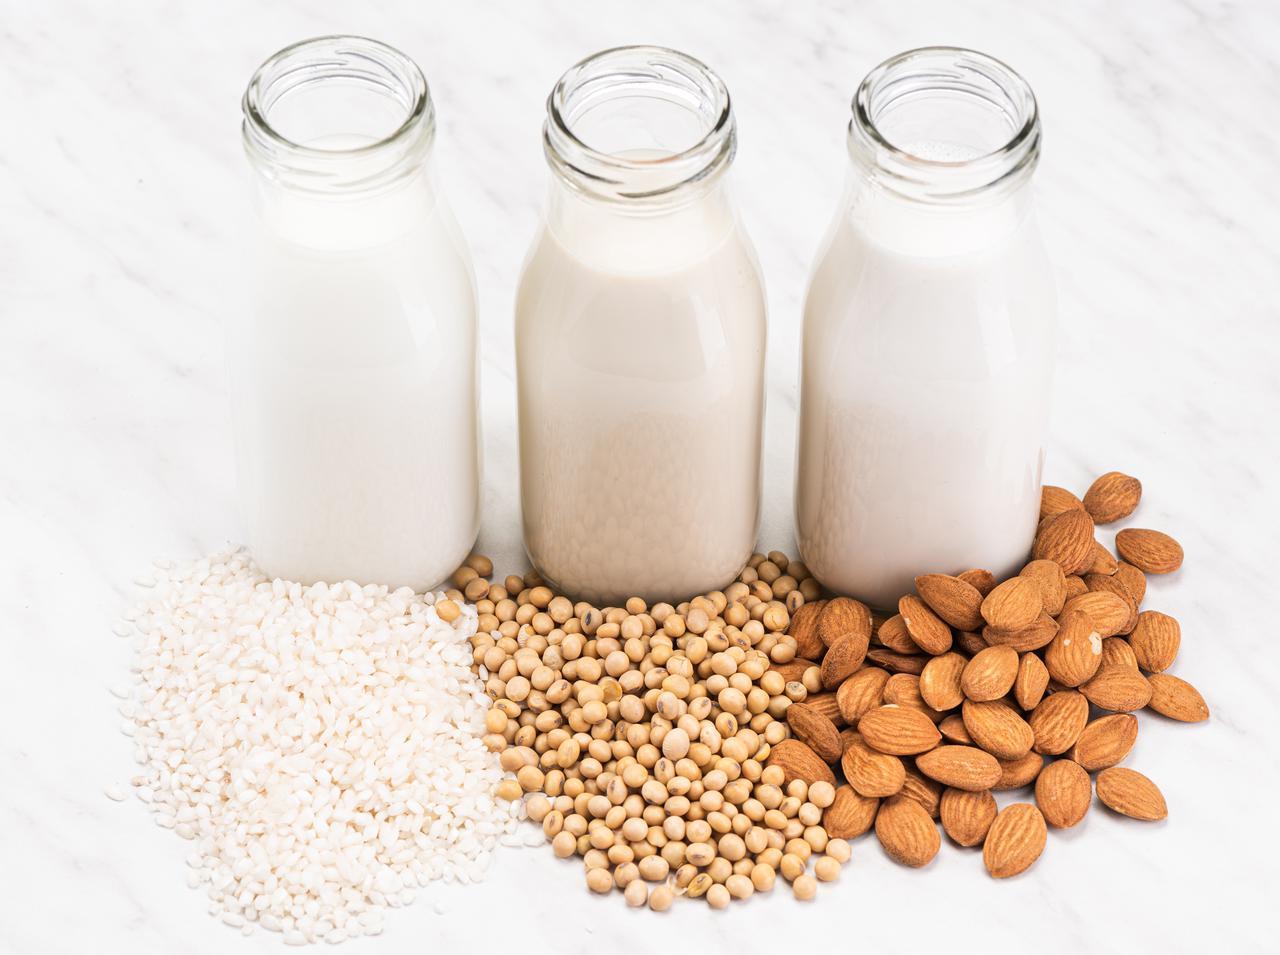 画像1: 欧米で人気が高まる「フラックスミルク」